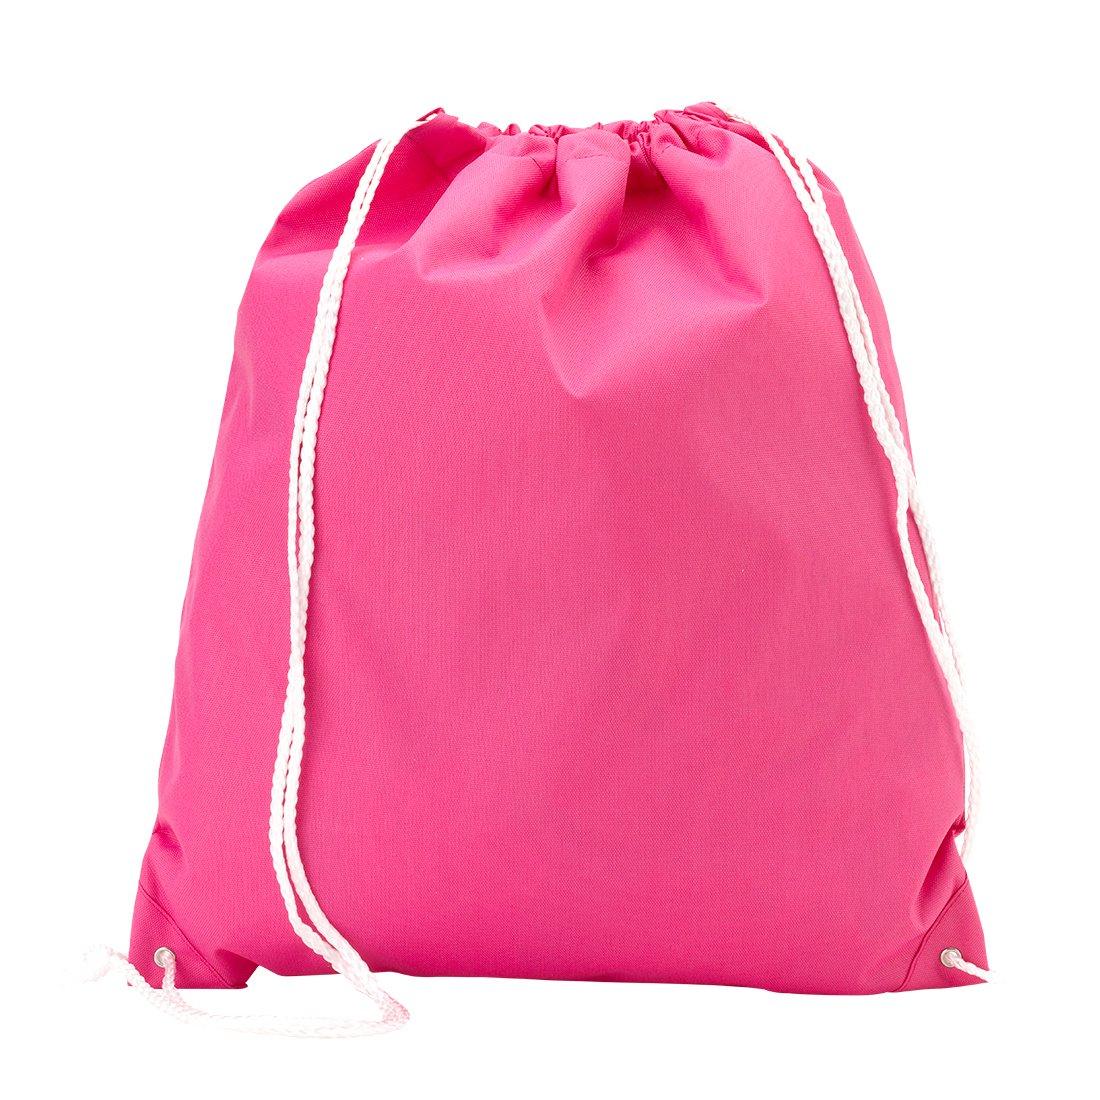 卸売ブティックバックパックスタイル巾着フィットネスバッグピュアピンク